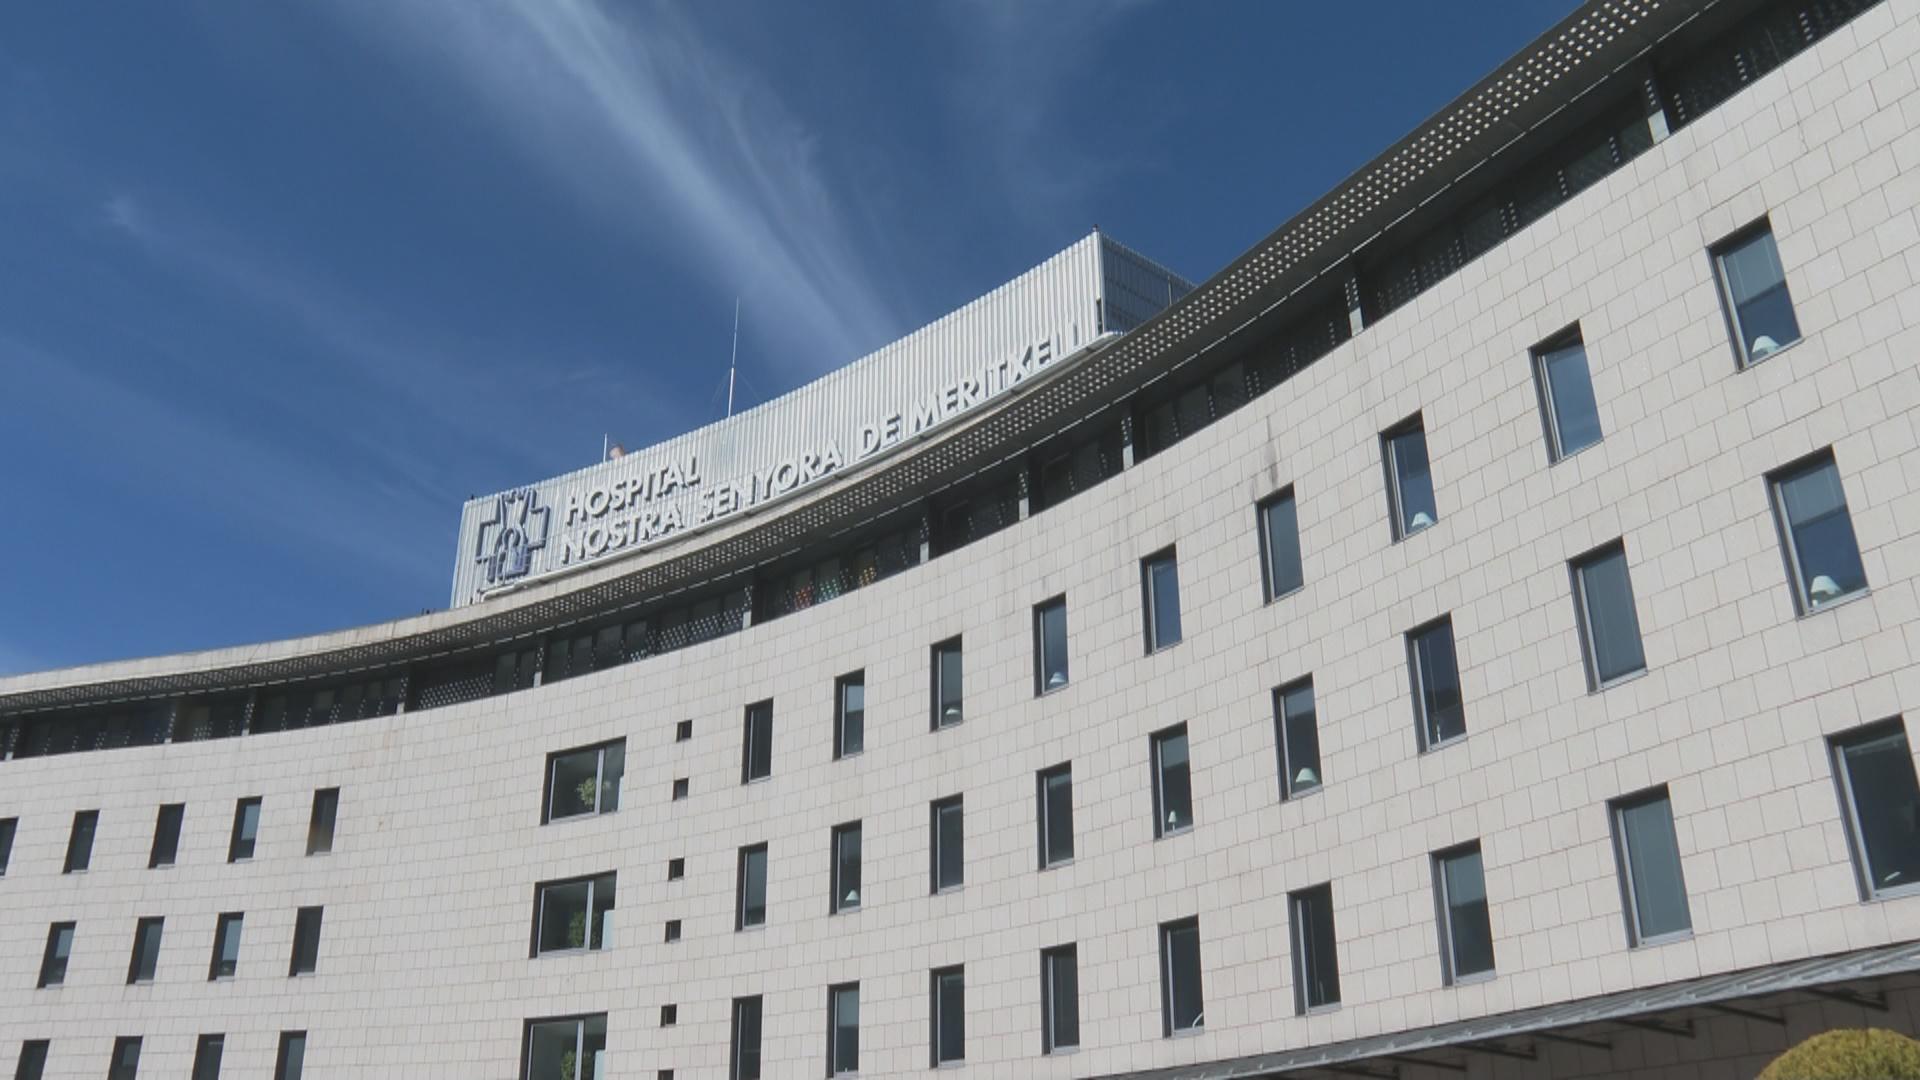 40 nous casos de coronavirus se sumen al brot de Sant Vicenç d'Enclar